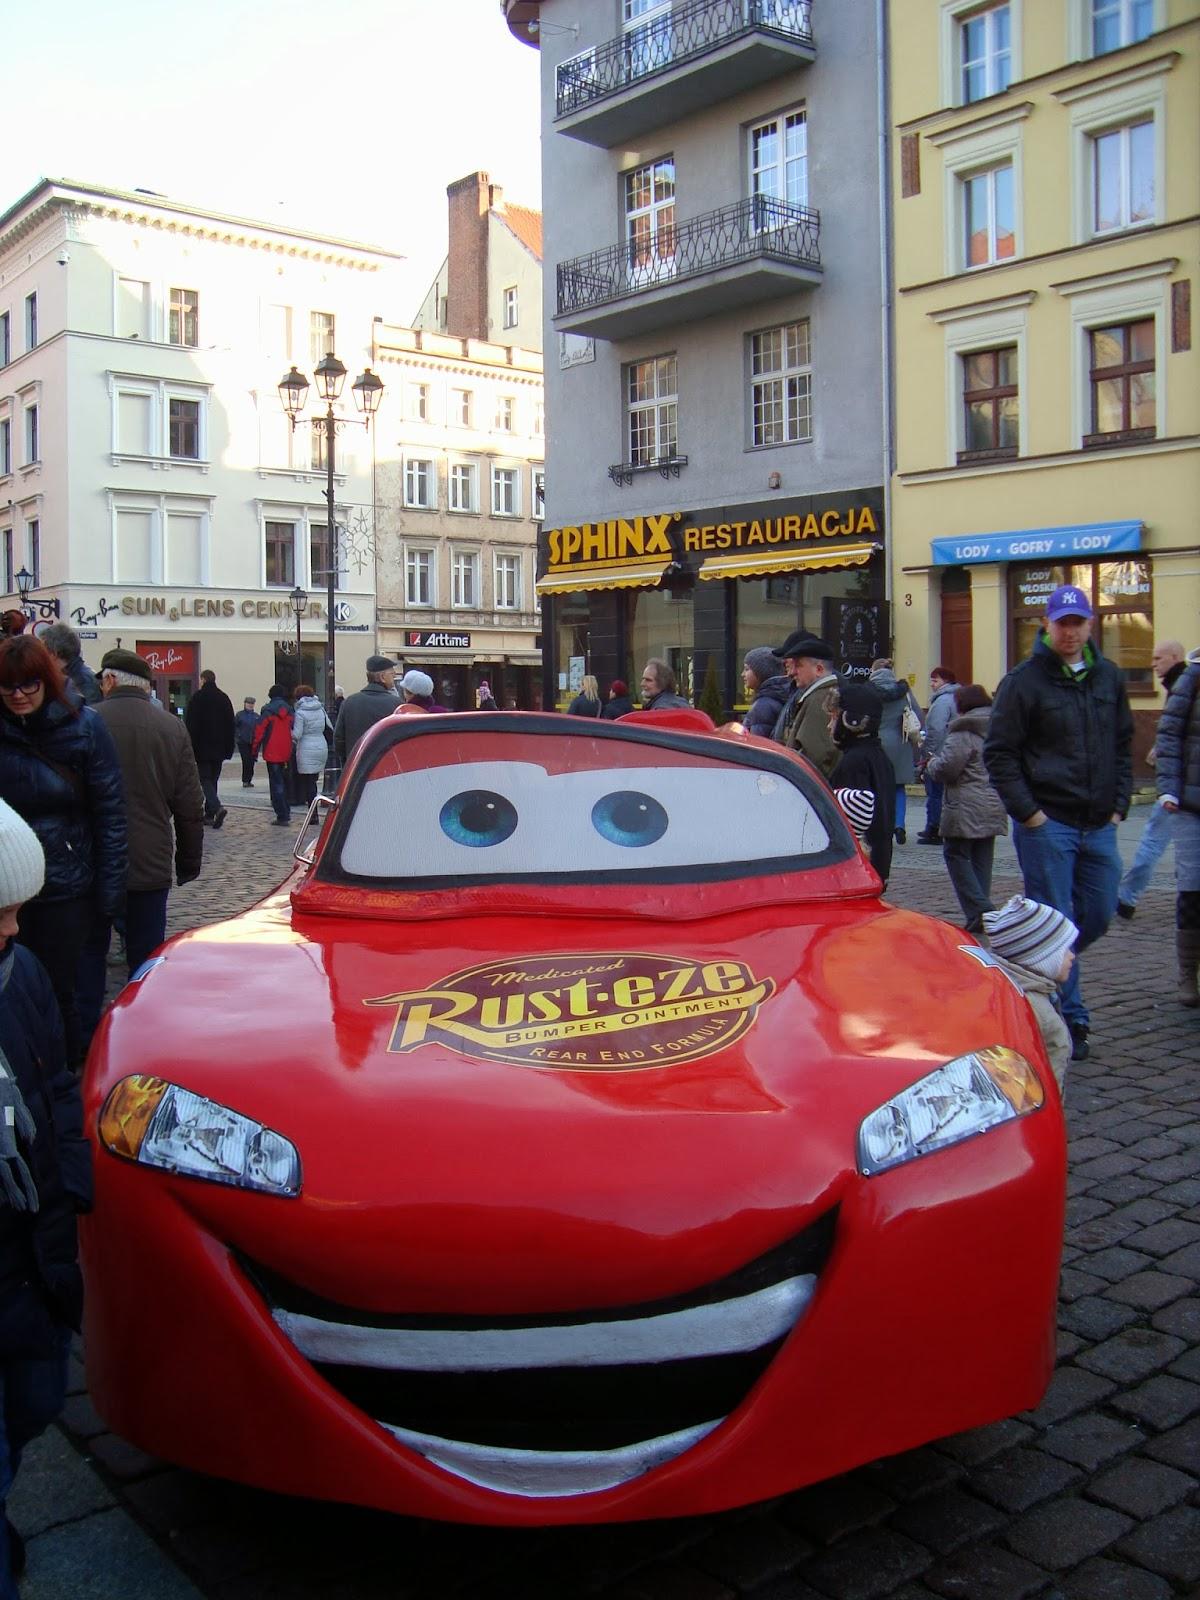 Zygzak, Auta, Samochody